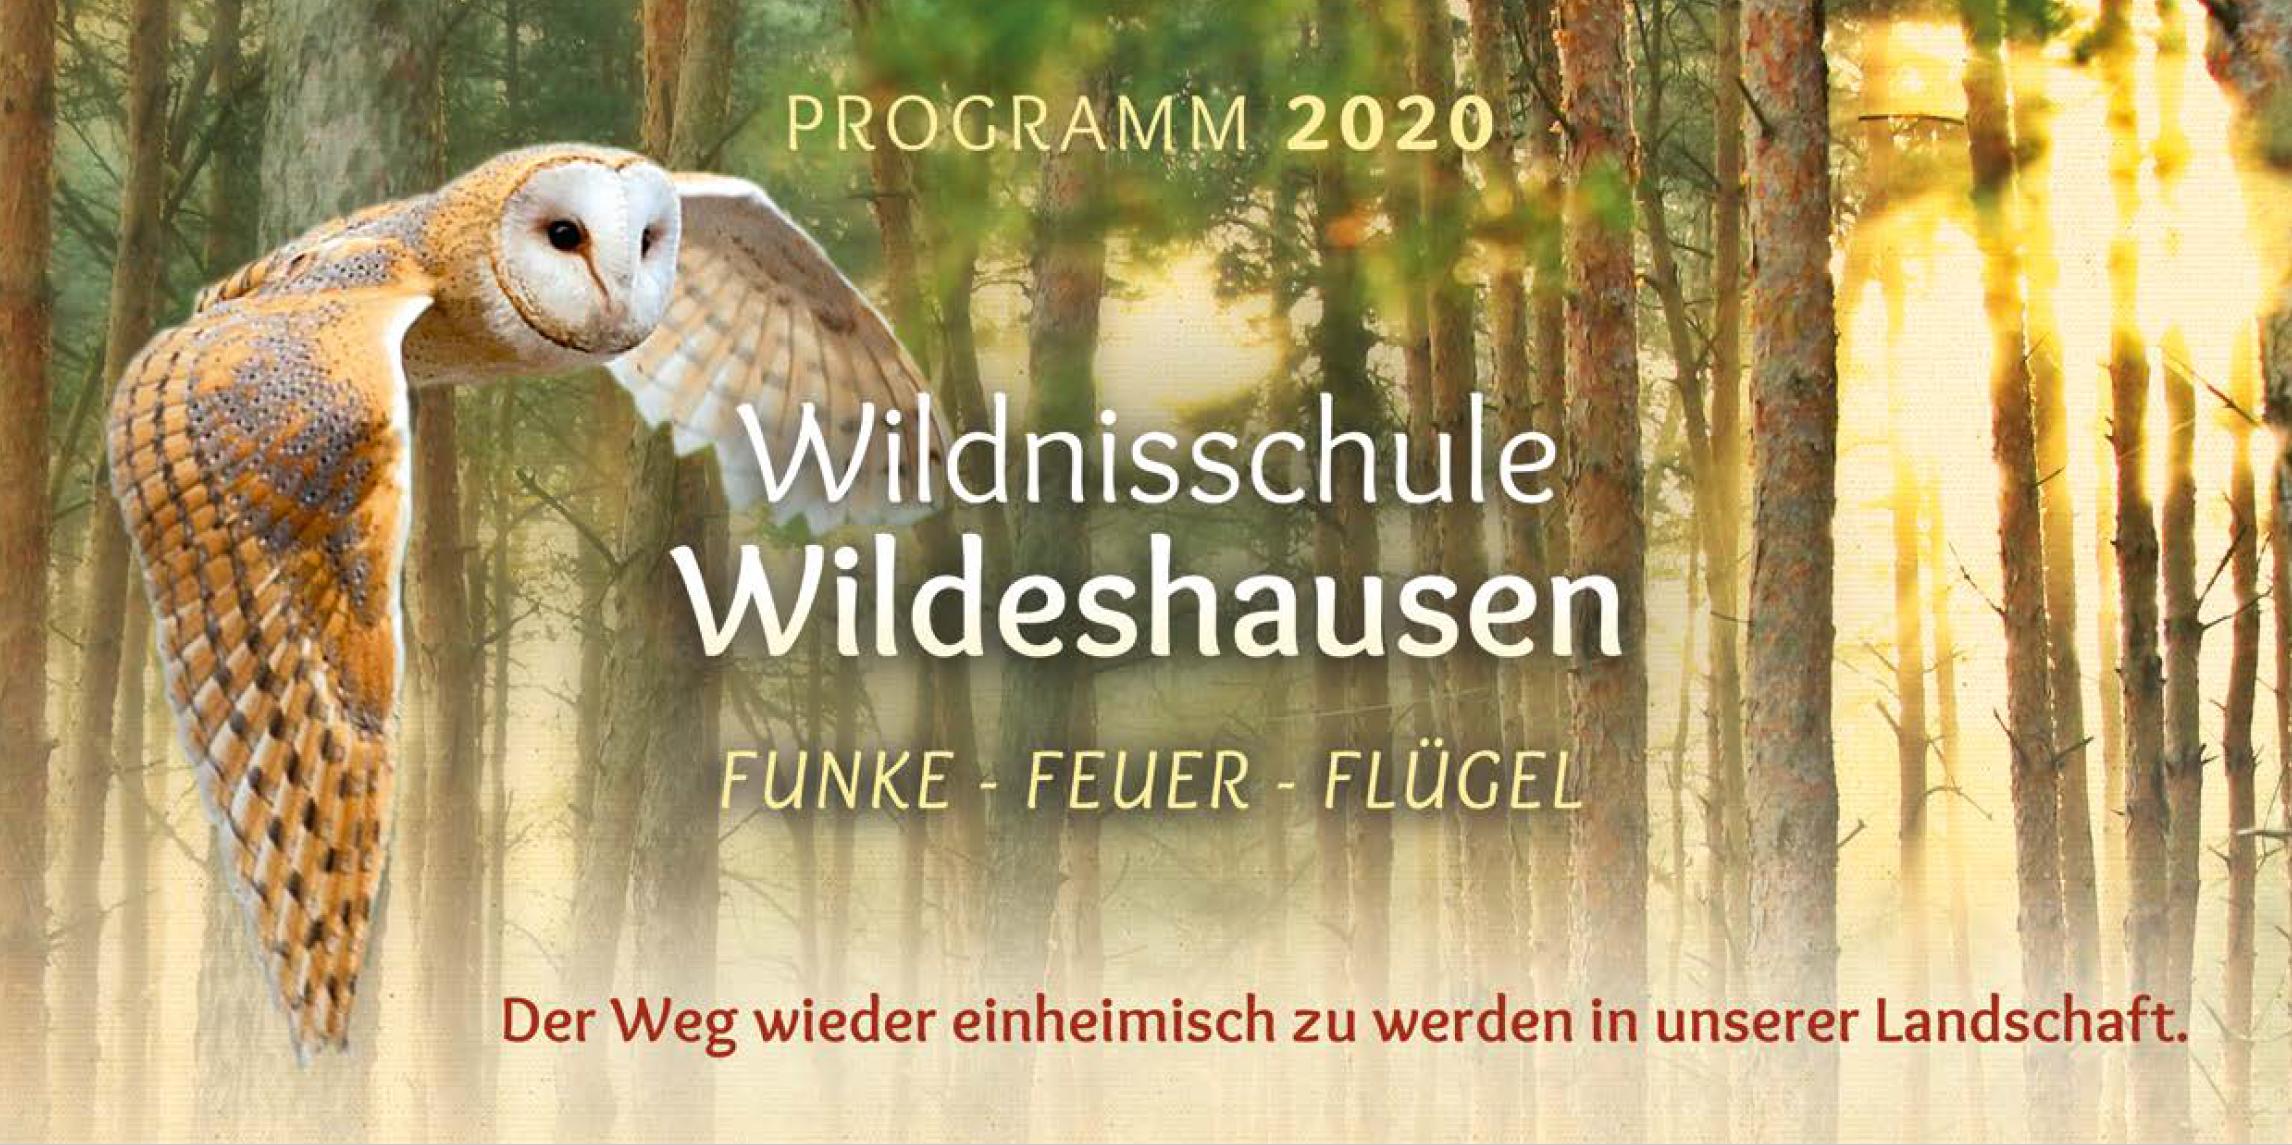 Wildnispädagogik mit Coyotementoring und Leadership und Ritual